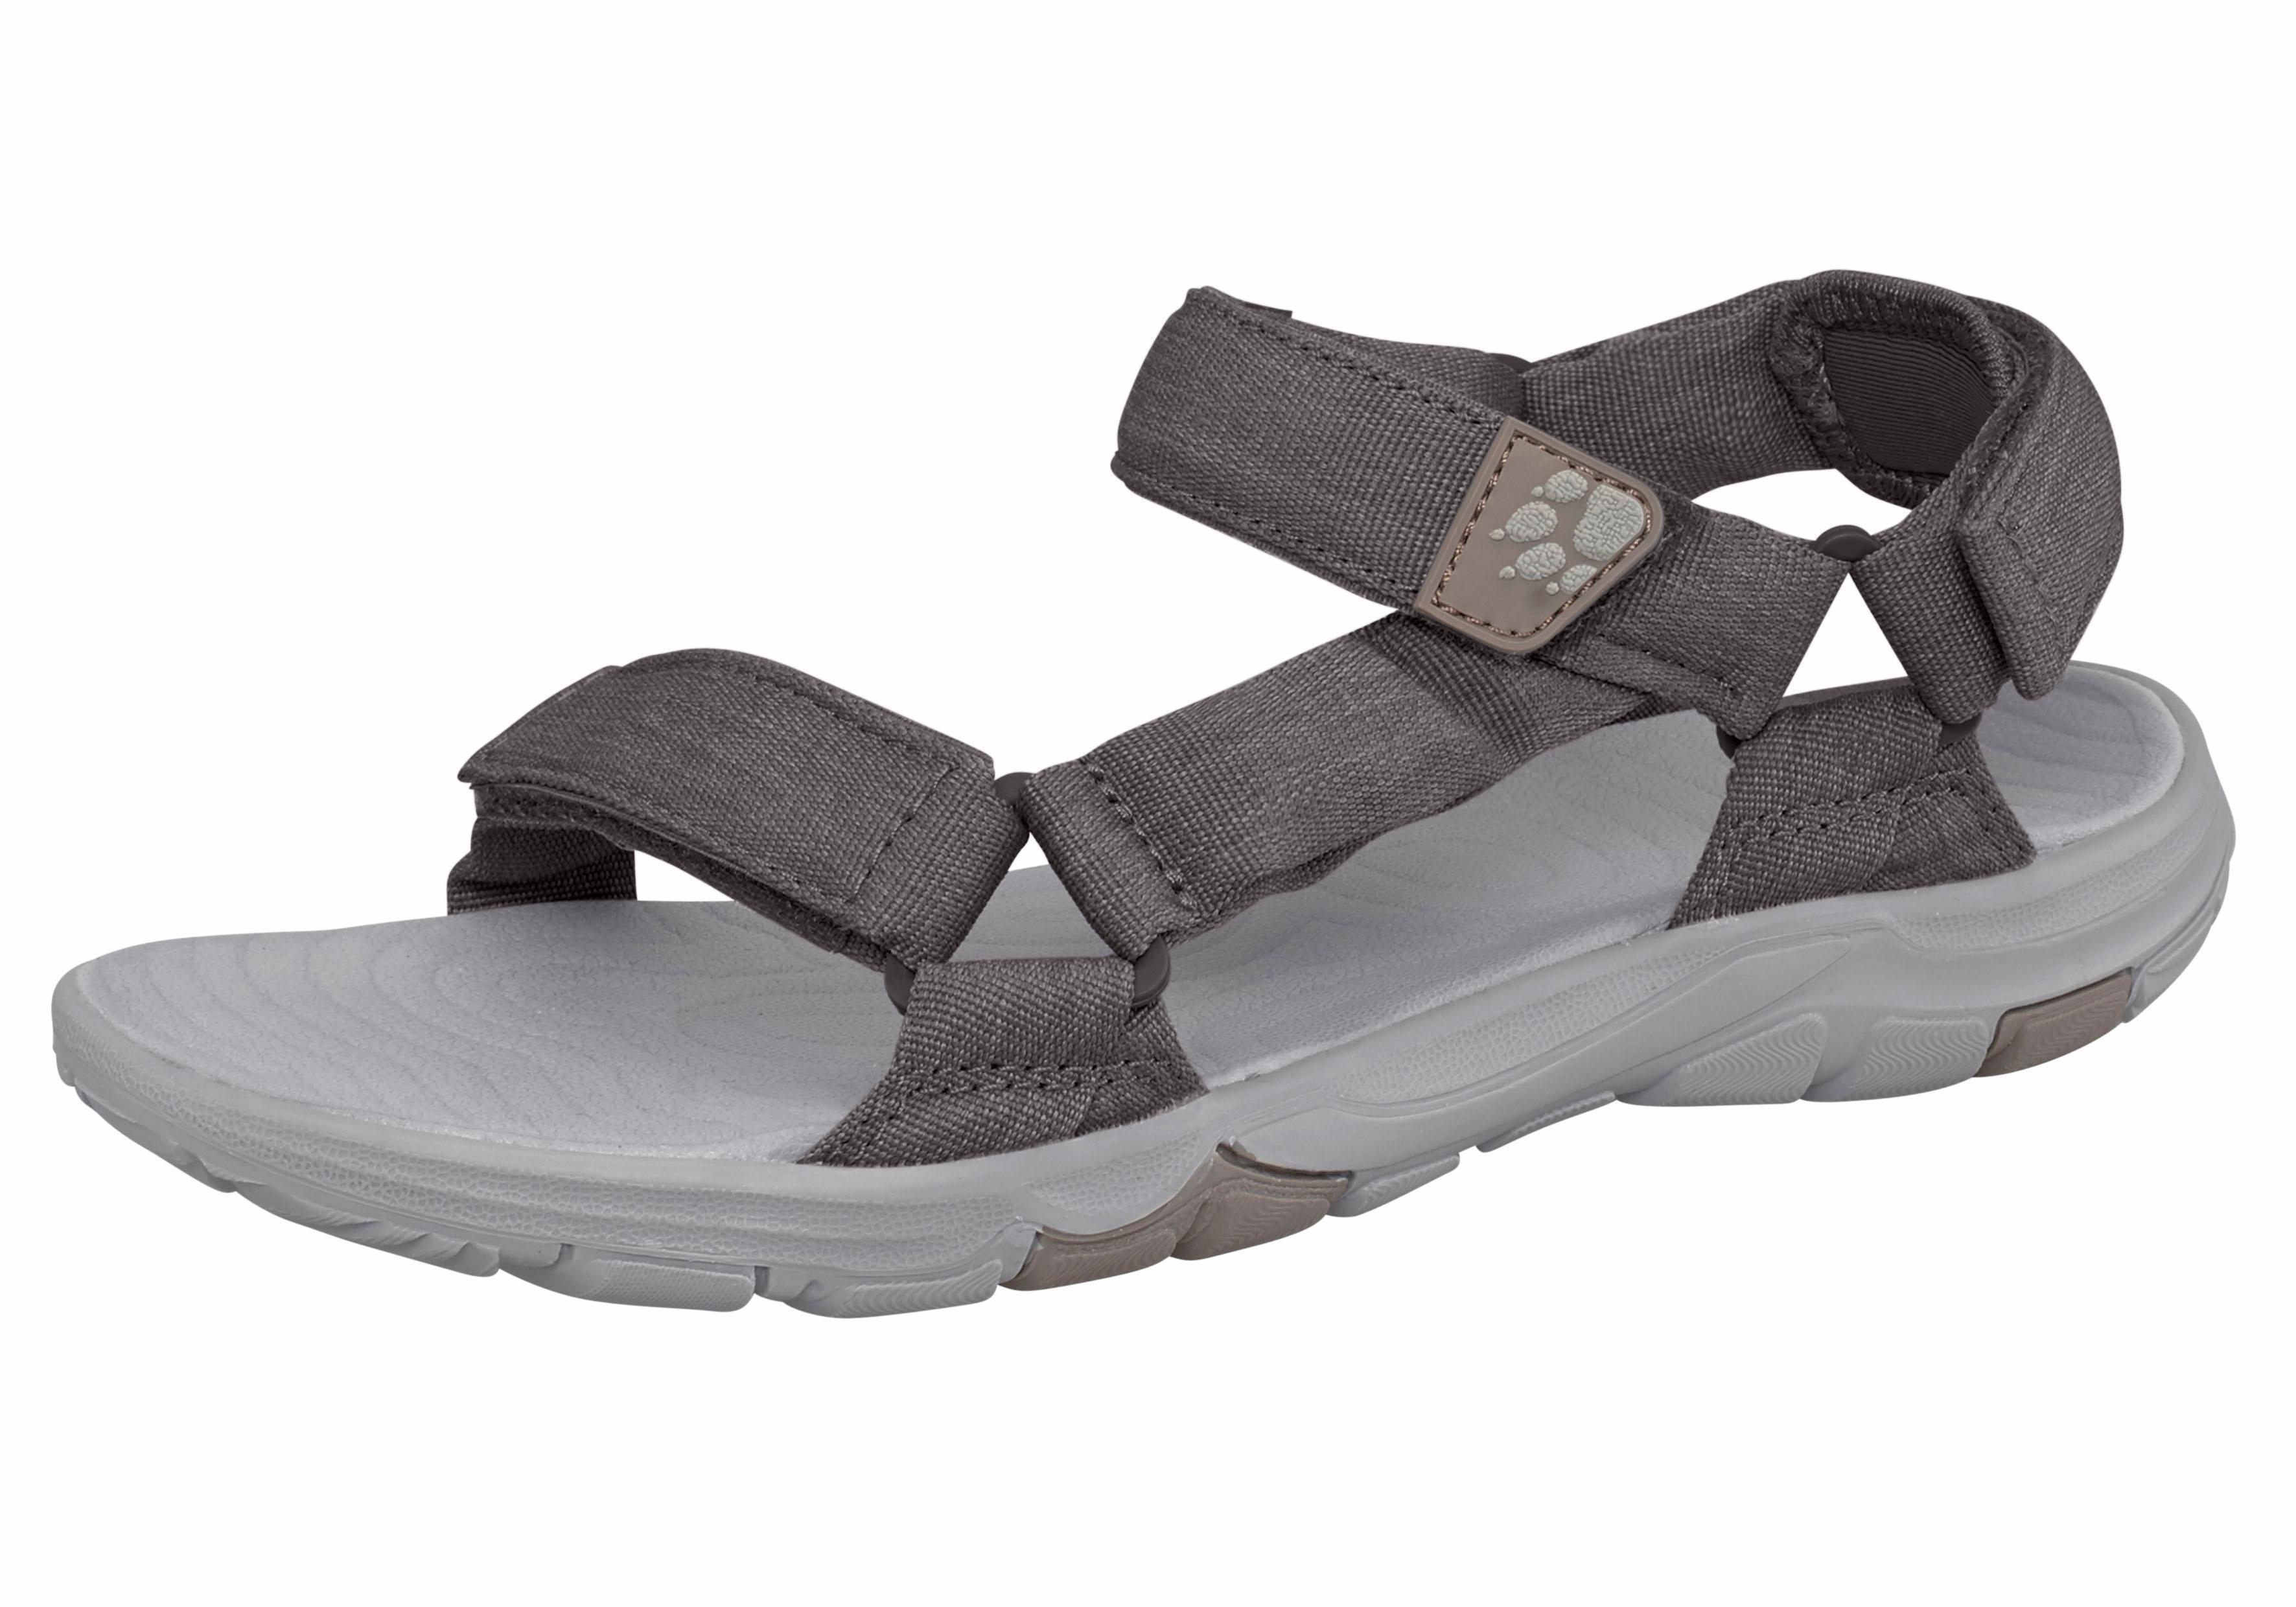 Jack Wolfskin outdoorsandalen »Seven Seas 2 Sandal W« goedkoop op otto.nl kopen